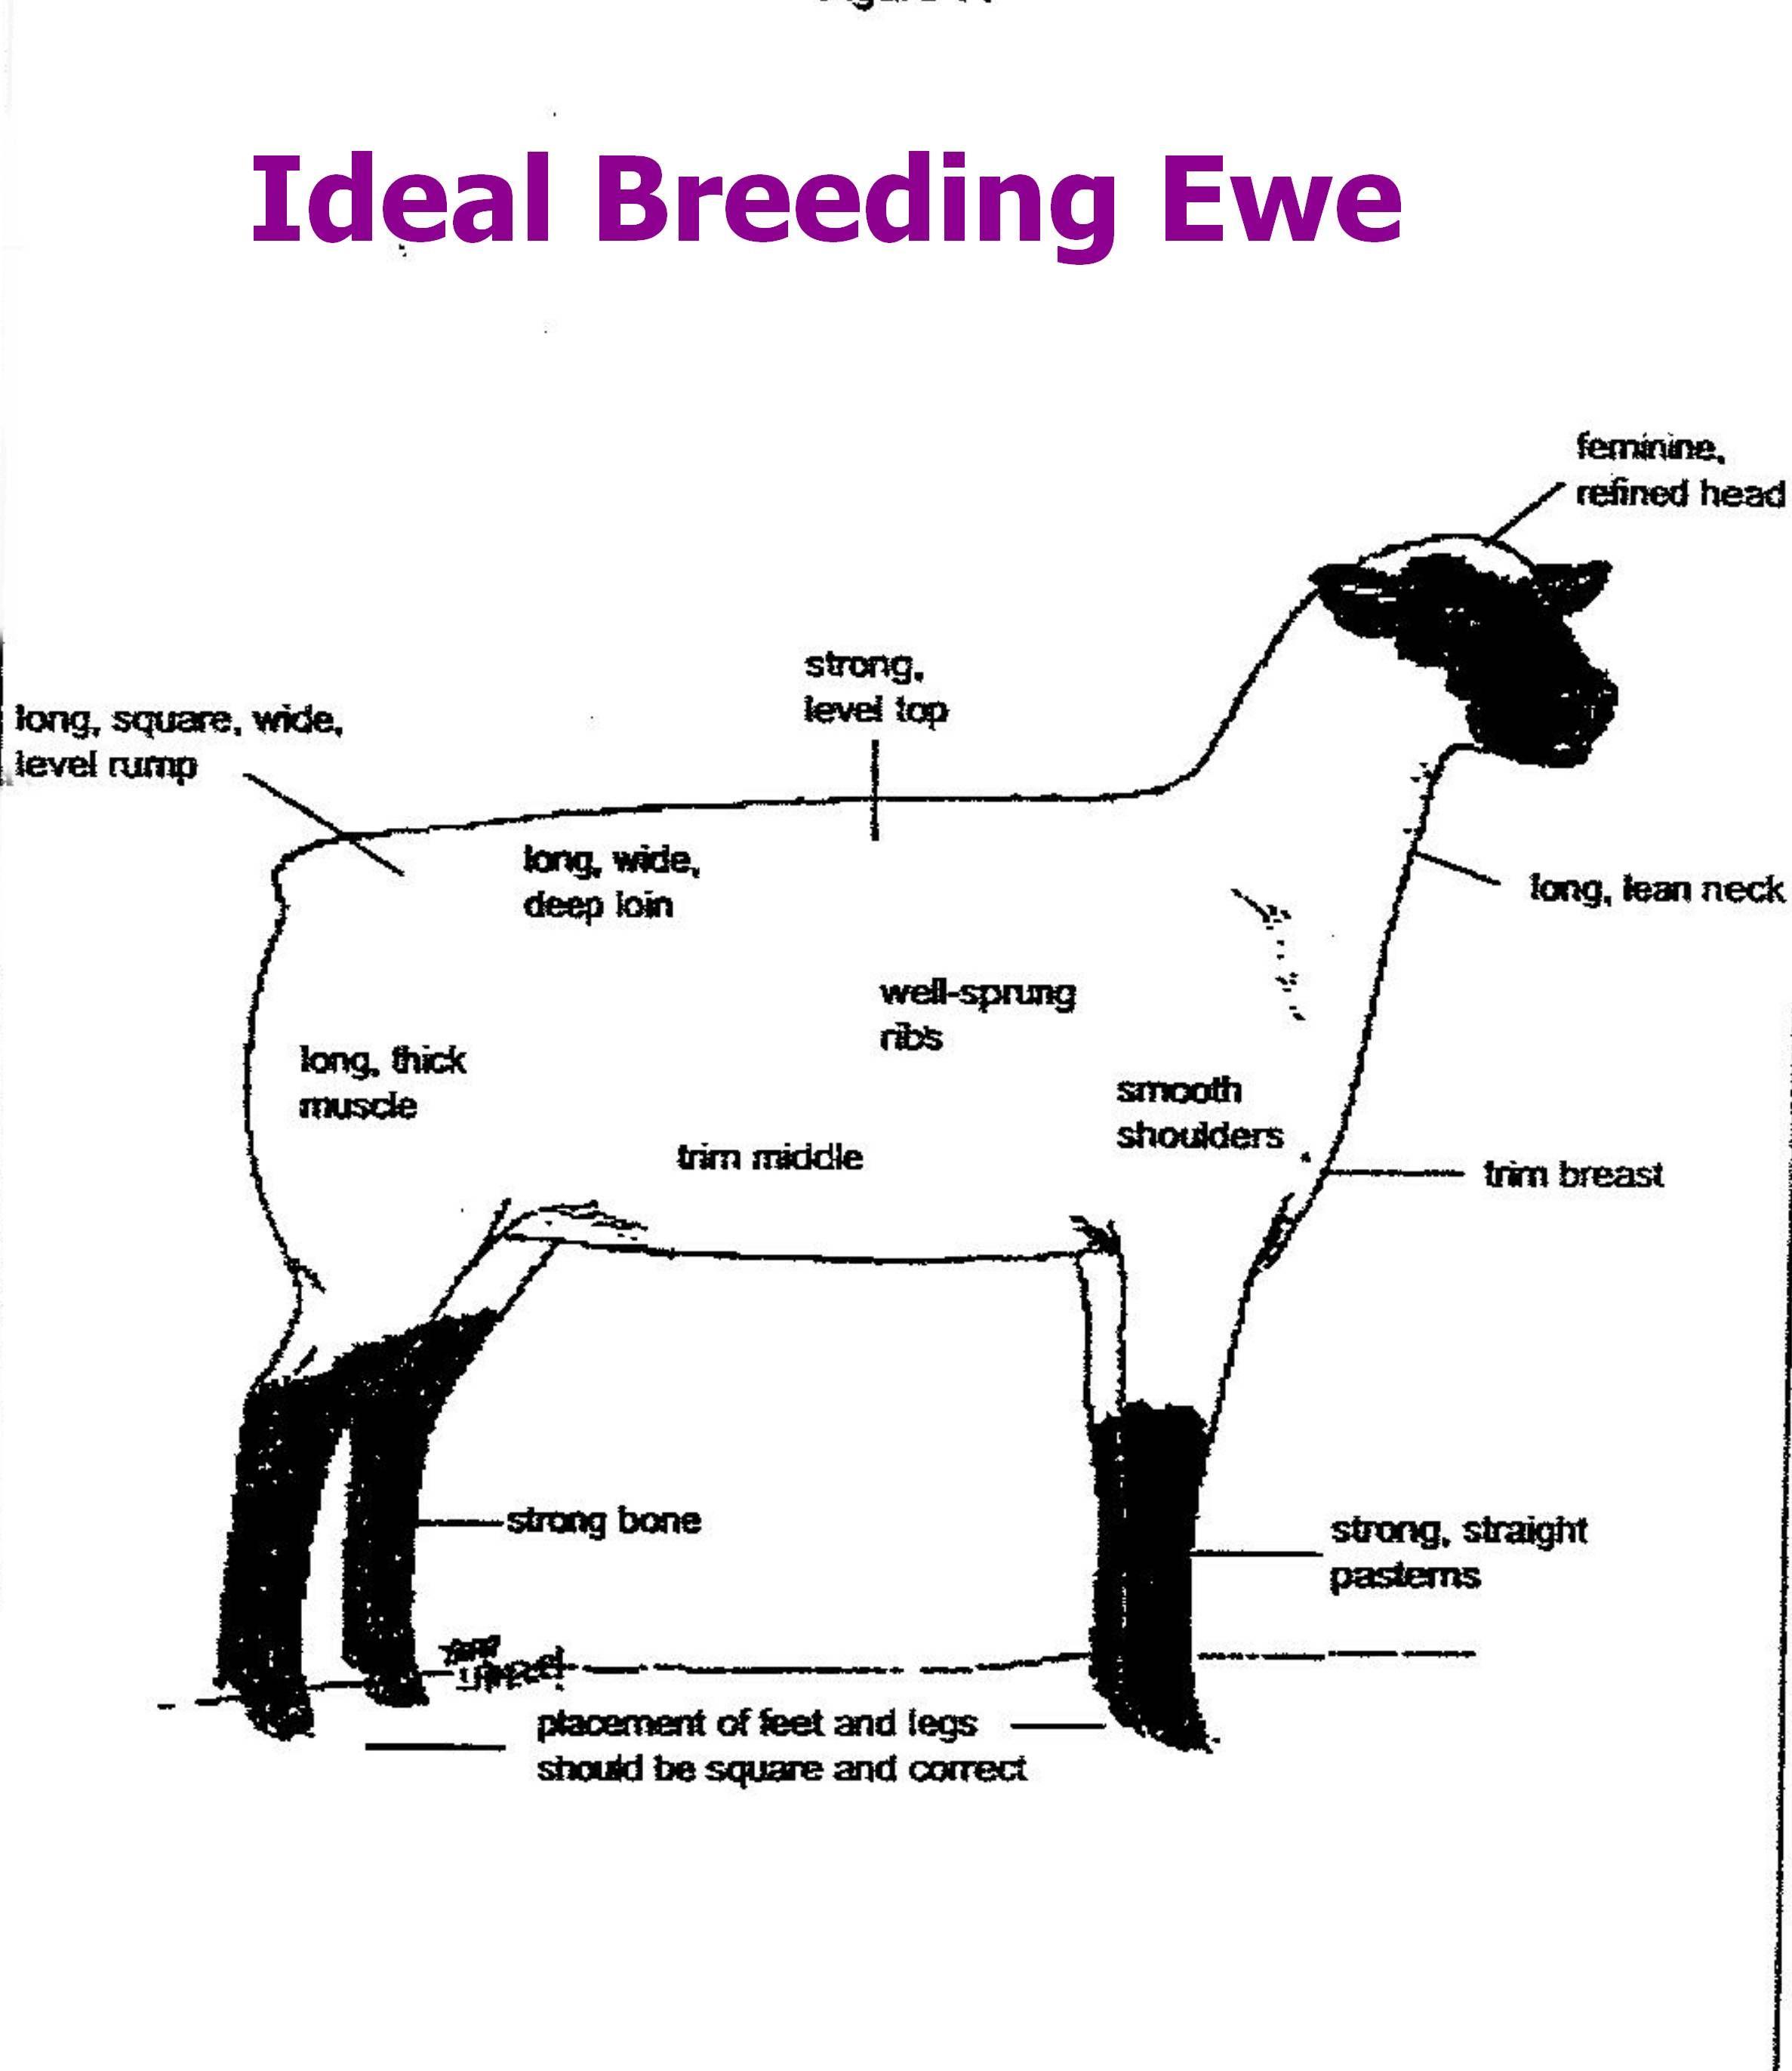 4 H Pig Diagram Wiring For Consumer Unit Http Ca Uky Edu Agripedia Agmania Breeds Sheepd Asp